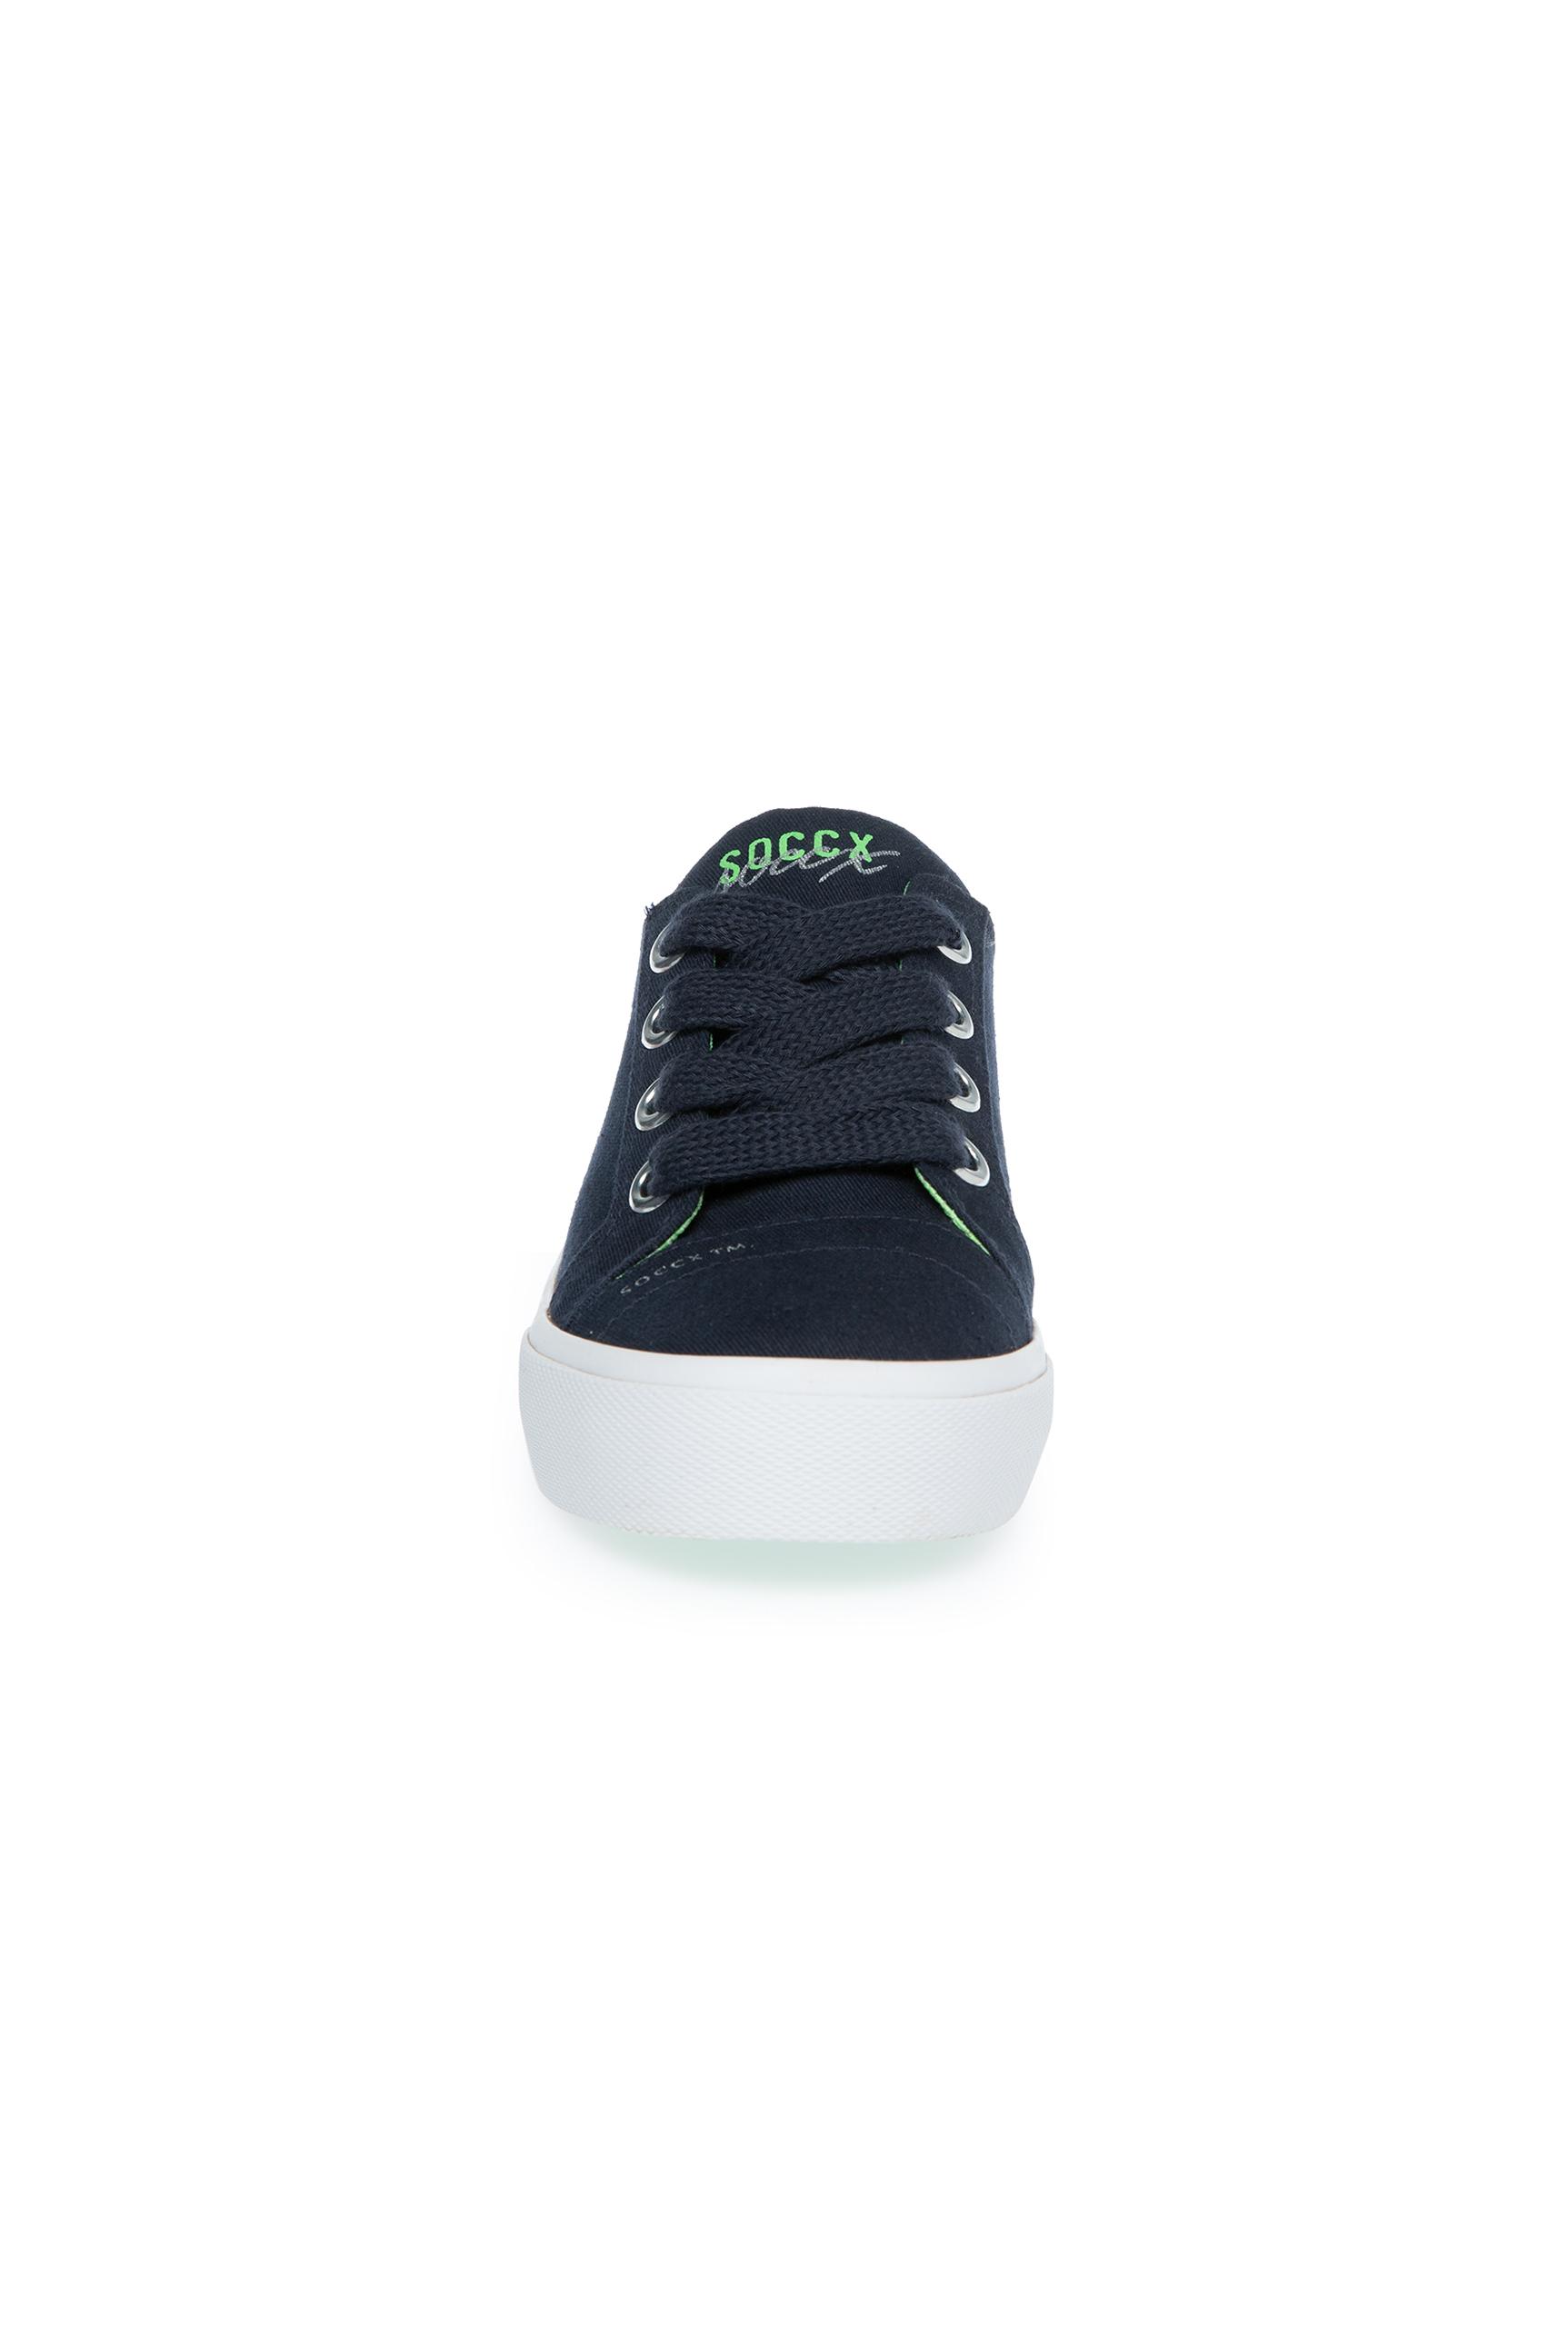 Canvas Sneaker mit Plateau-Sohle